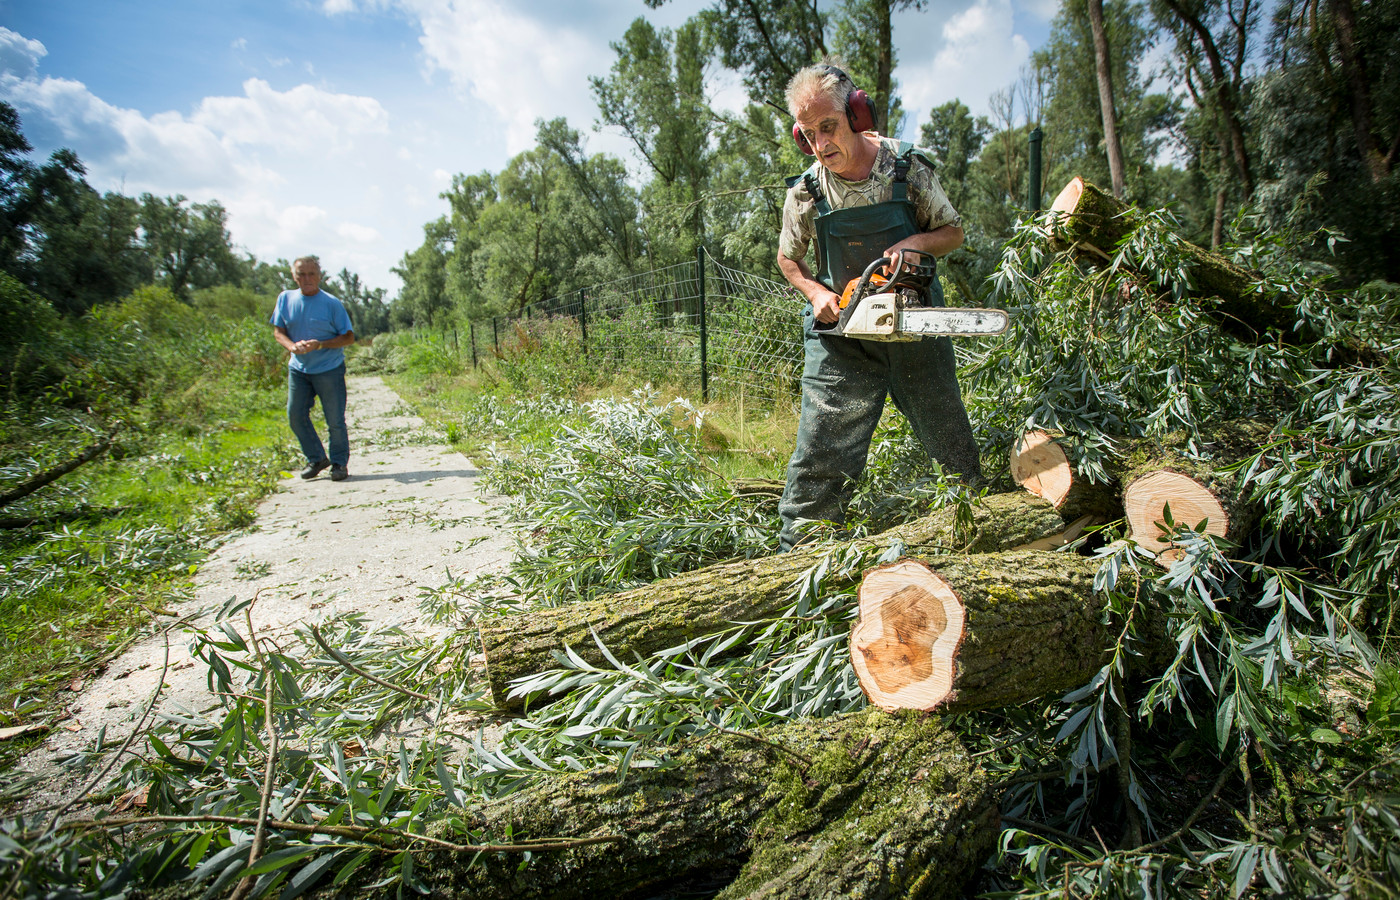 Archiefbeeld ter illustratie: vrijwilligers ruimen de ravage op die de zomerstorm heeft aangericht in de bossen rond de Oostvaardersplassen.